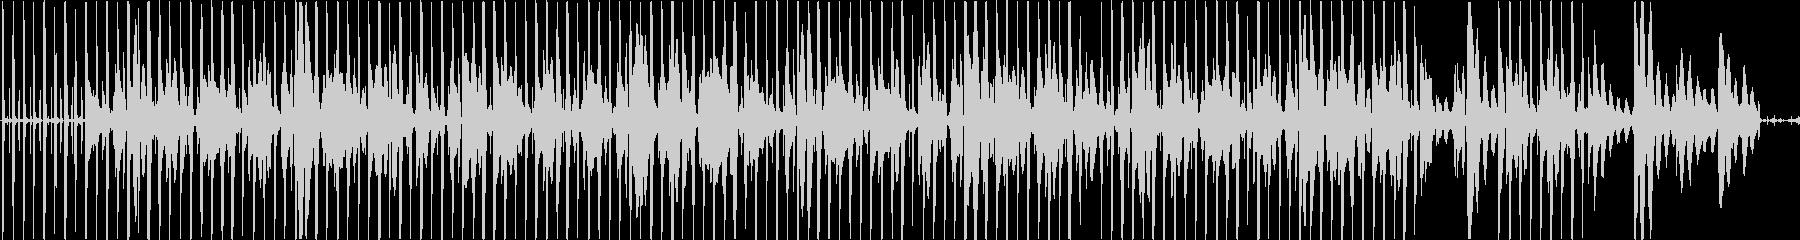 【チル】ネオソウル、LoFiヒップホップの未再生の波形